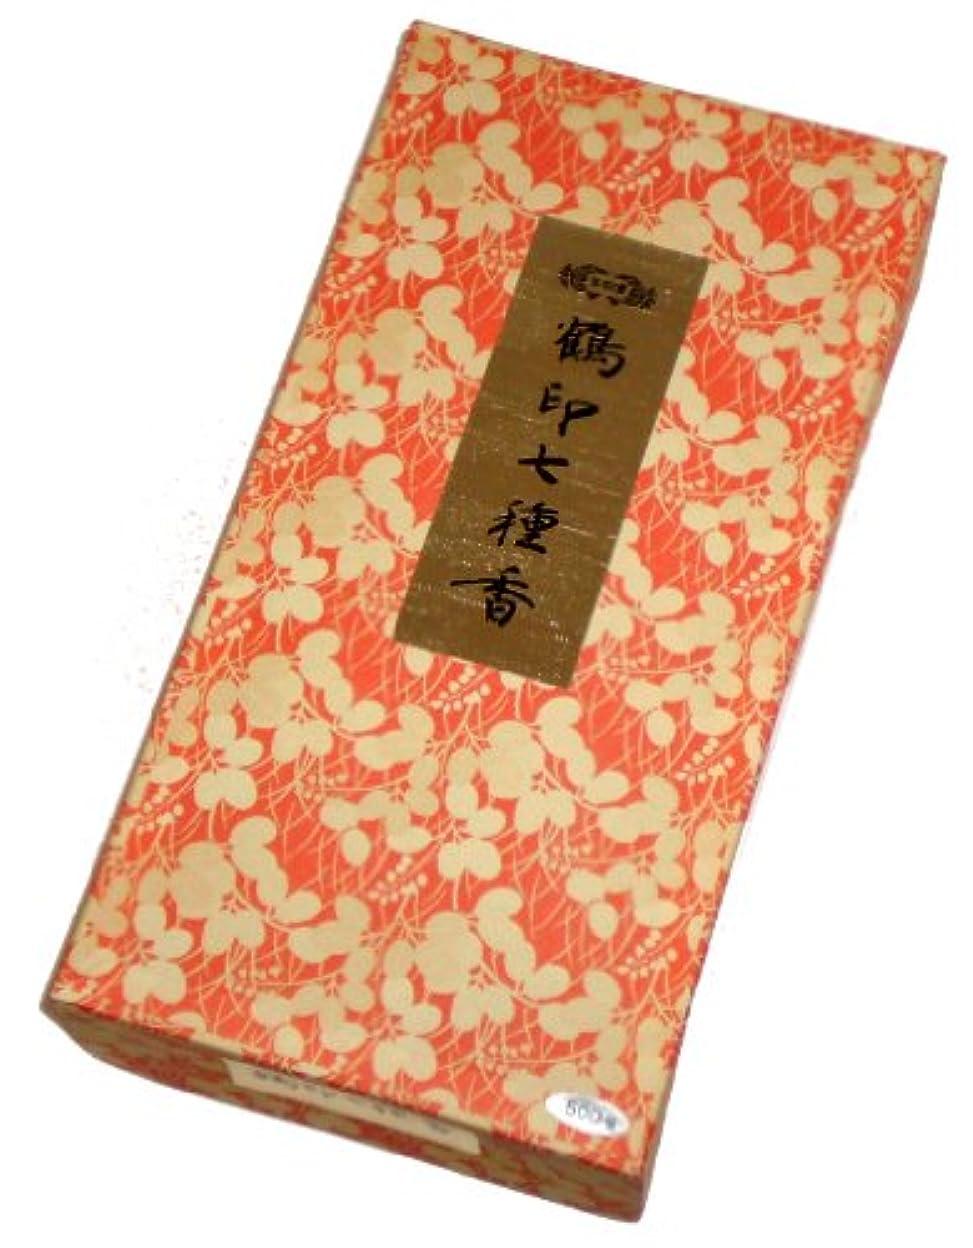 抽出貪欲秋玉初堂のお香 鶴印七種香 500g #671